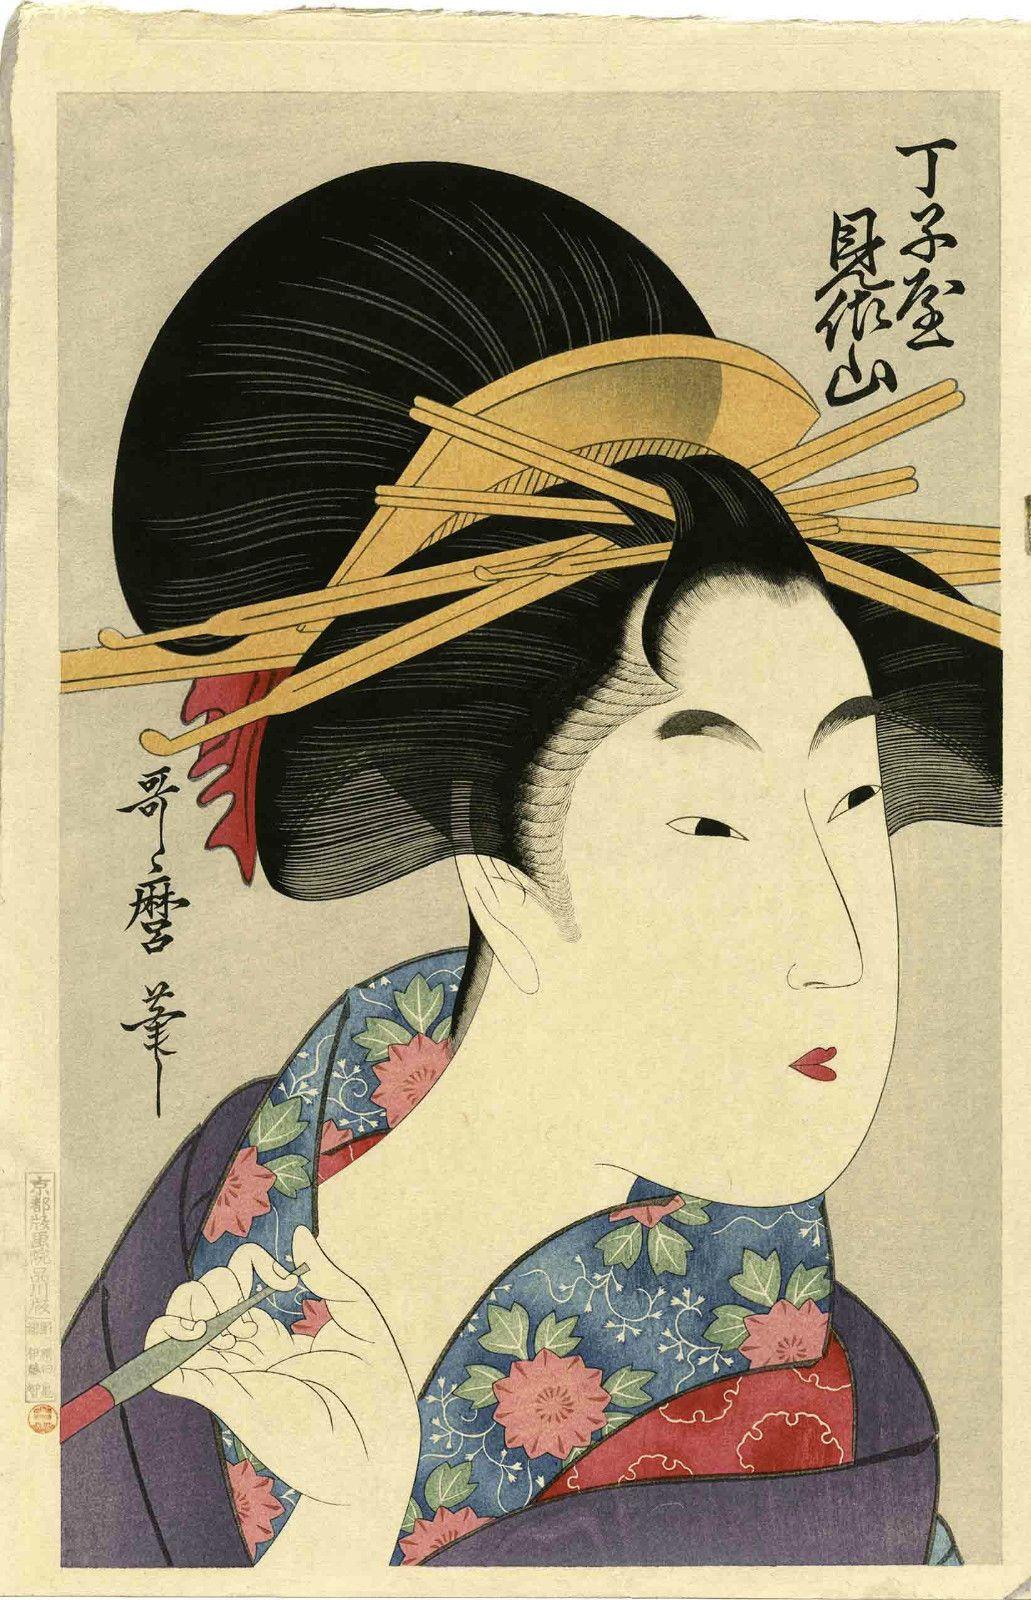 Very Lovely UTAMARO Ukiyo E Japanese Woodblock Print